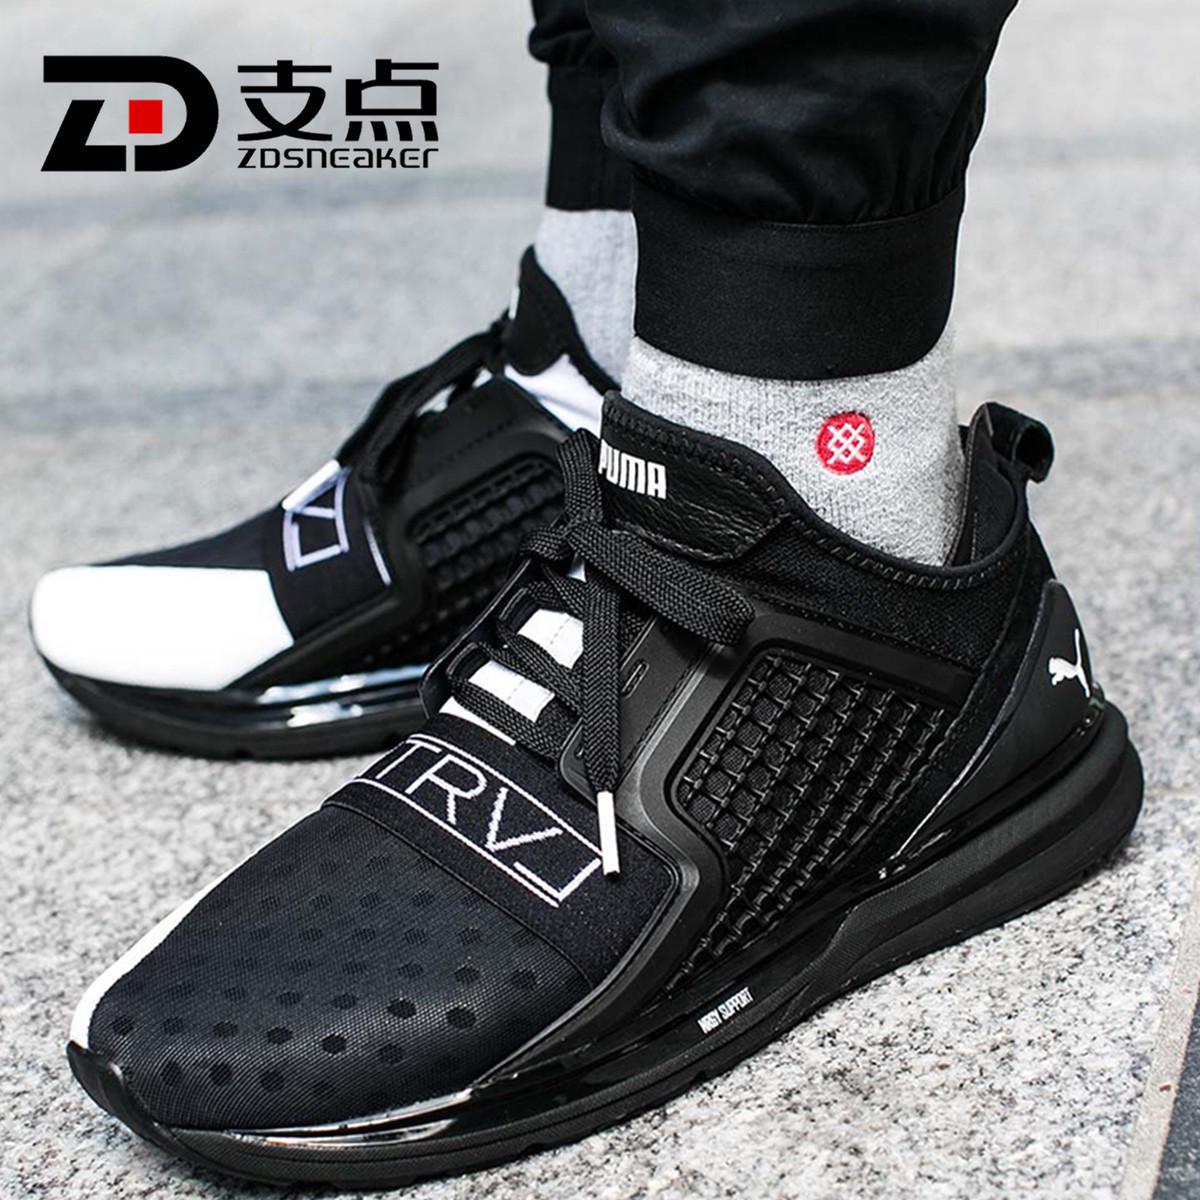 e218c62e36f ... Puma X Staple Ignite Limitless black and white yin and Yang socks shoes  363202-01  NikeWMNS NIKE TANJUN SANDAL Letter Ninja ...